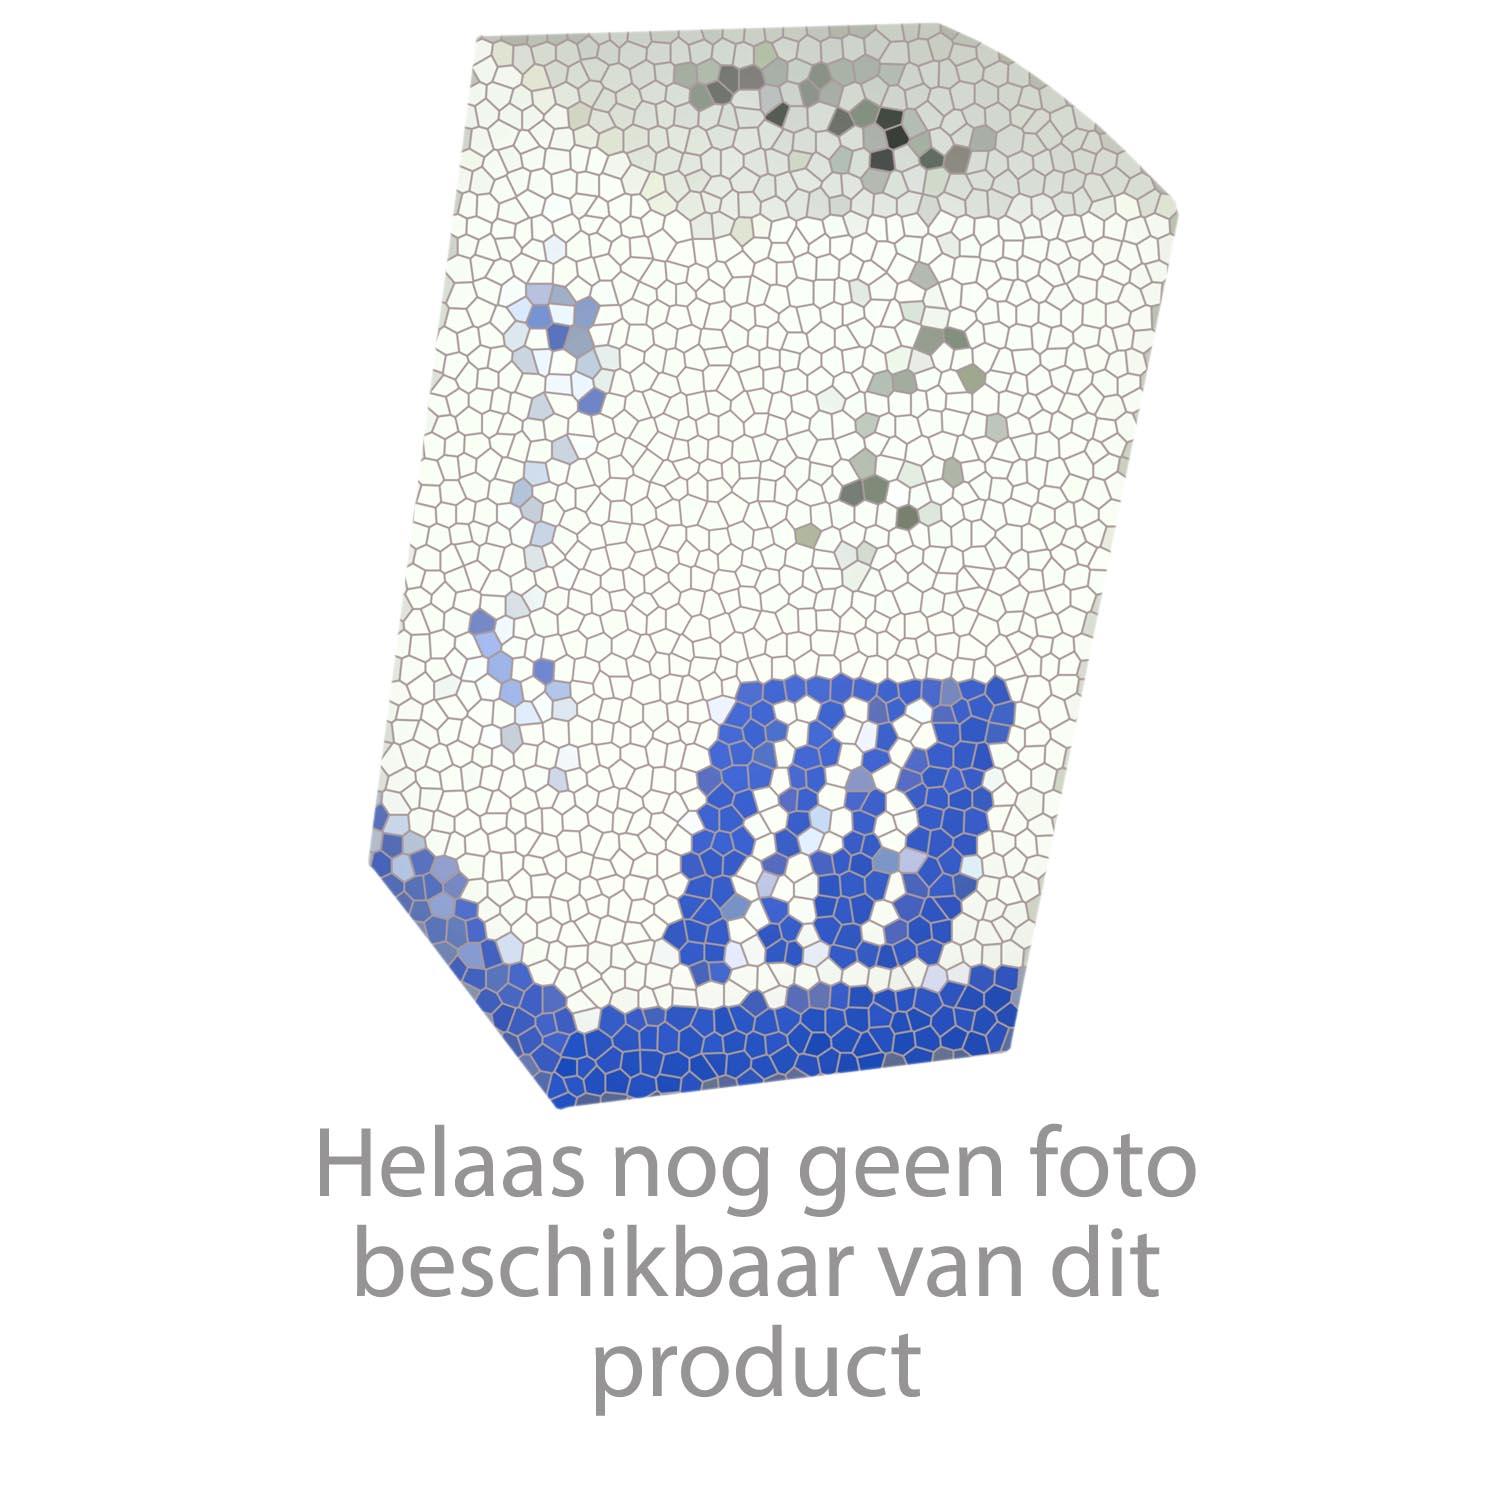 HansGrohe Keukenmengkranen Allegra Linea (Metropol) productiejaar 10/96 - 12/01 14807 onderdelen